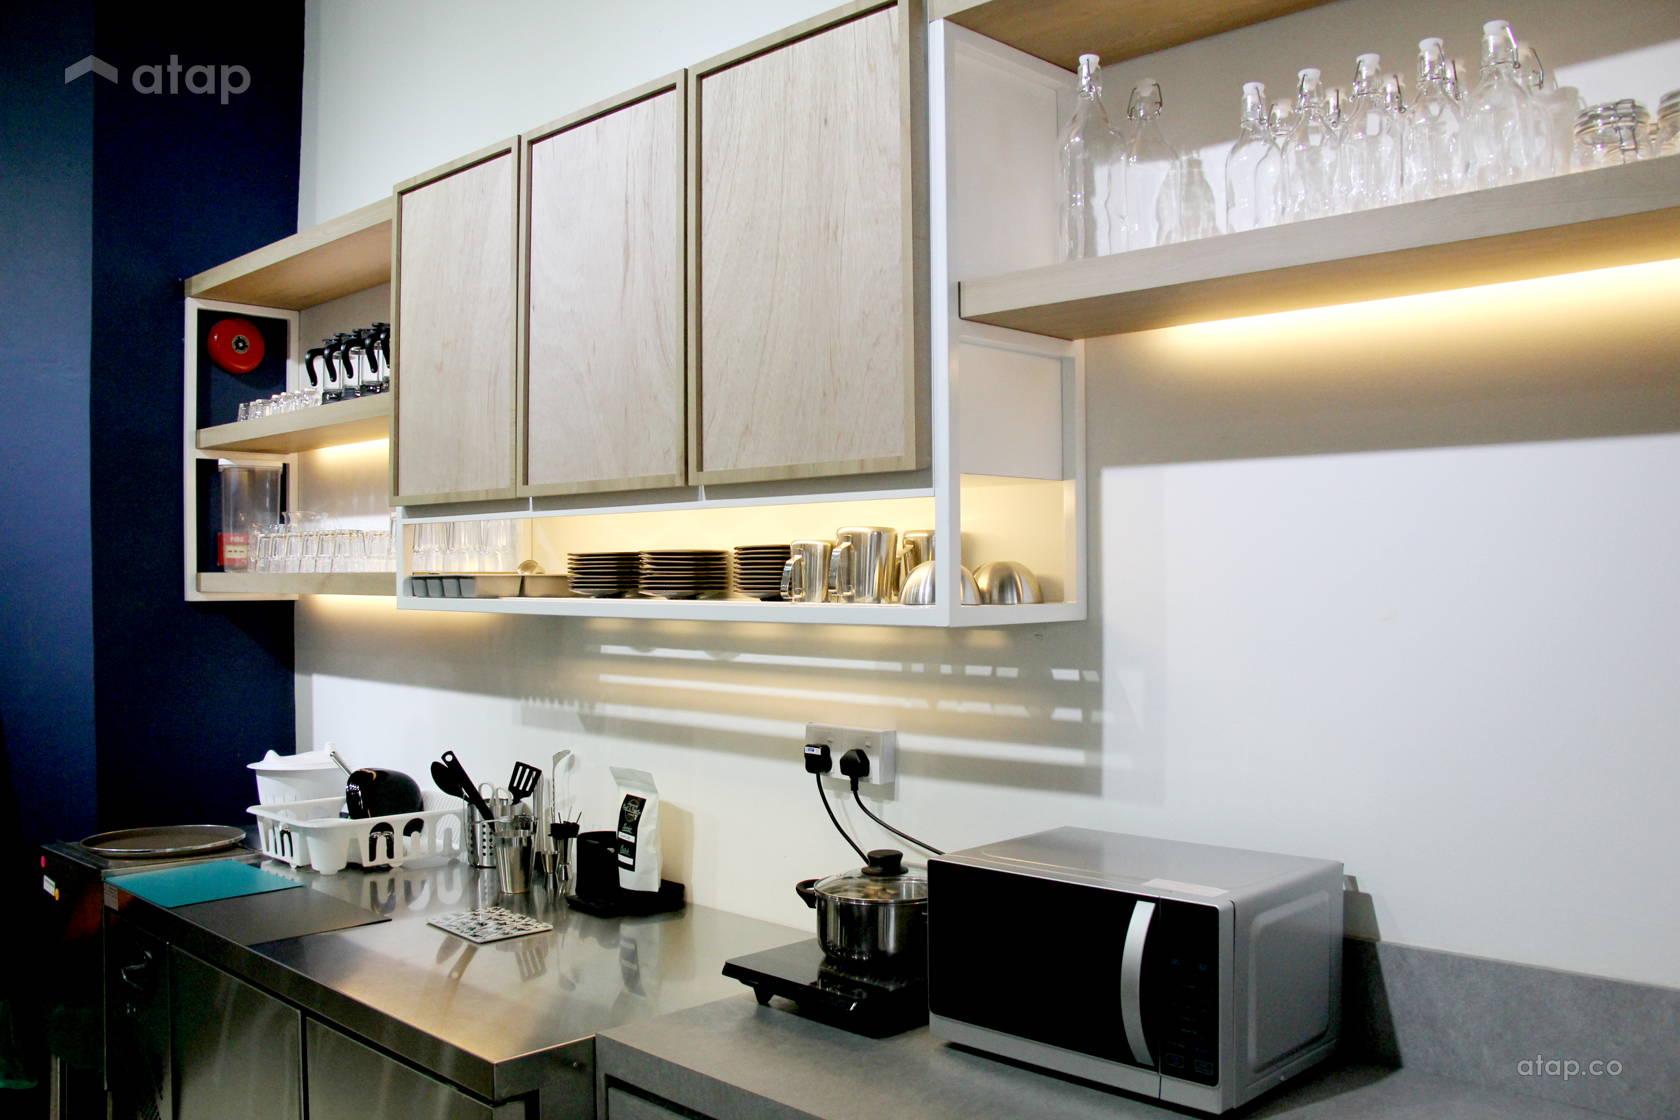 DND Puchong Setia Walk Refurbishment interior design renovation ...